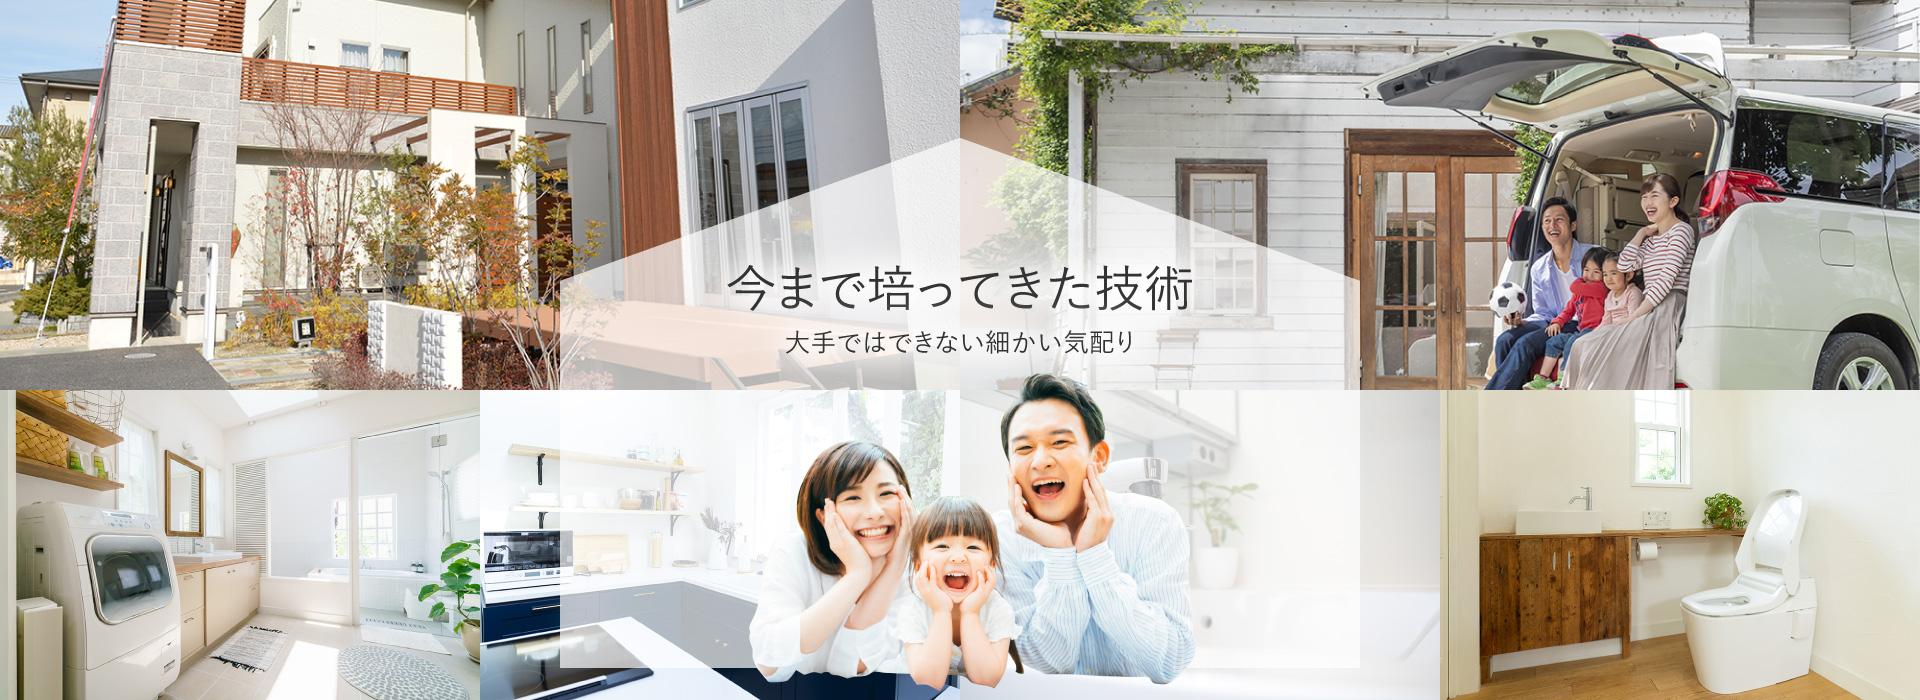 大勇住宅設備|東大阪市/細かい気配りでご提案から施工まで